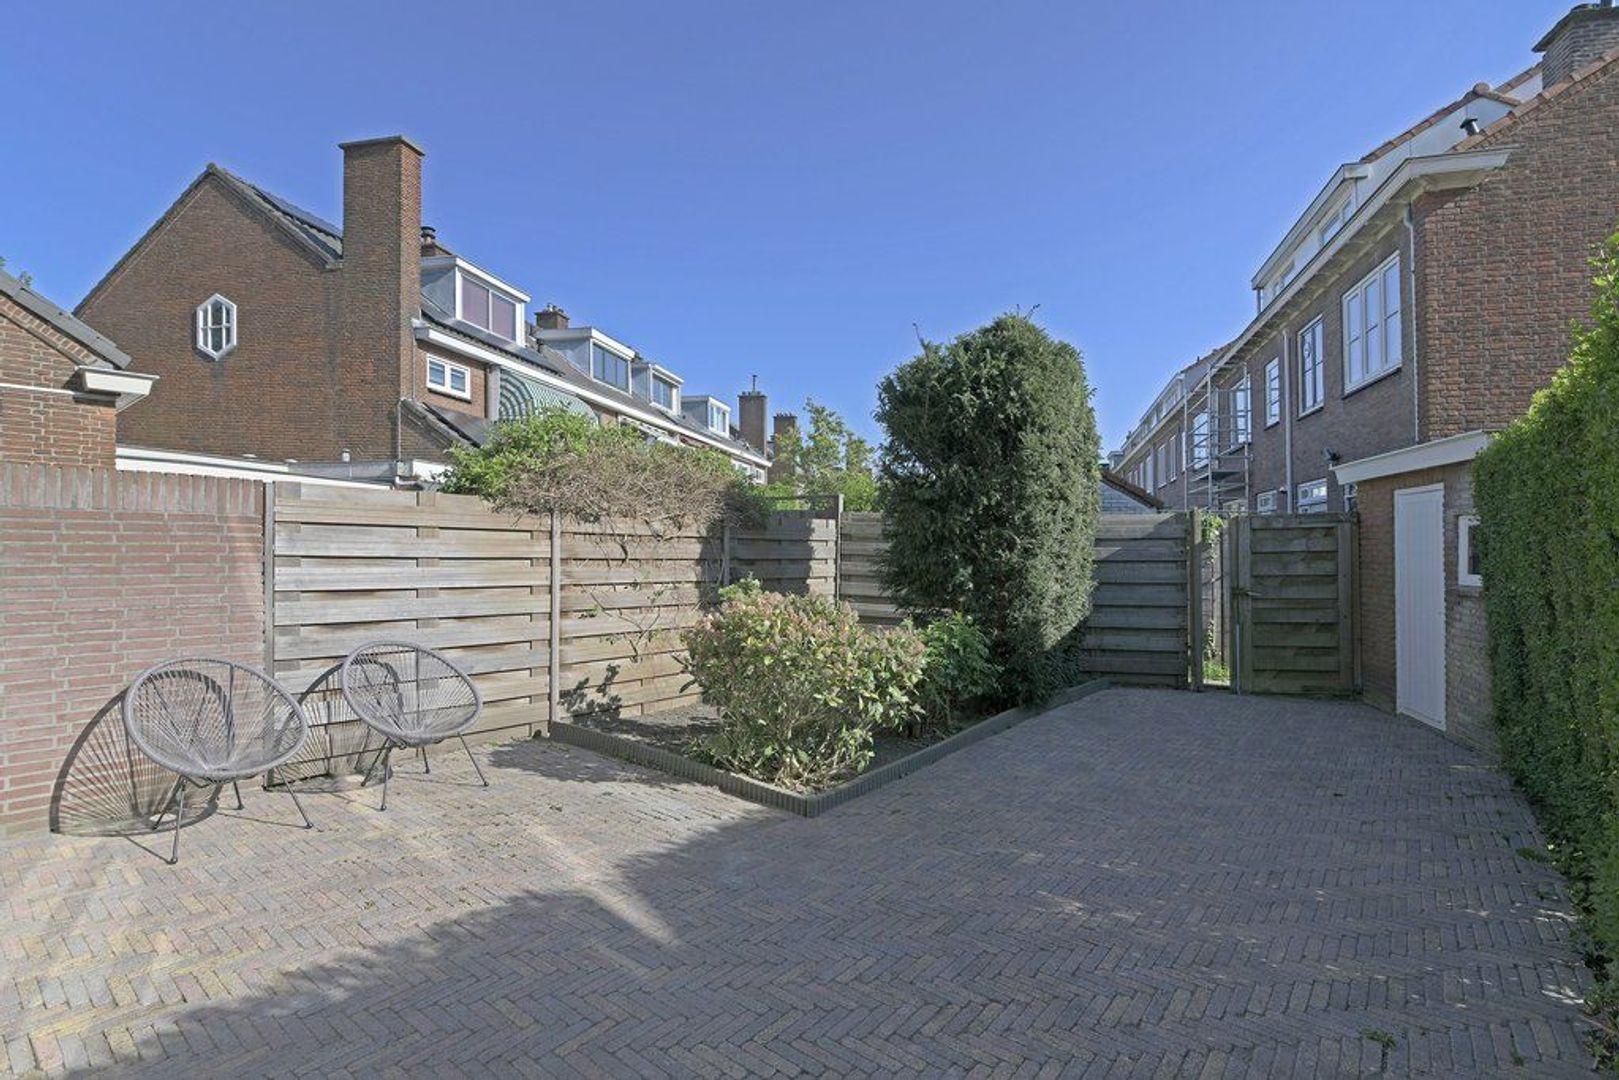 Kappeyne van de Coppellostraat 5, Delft foto-15